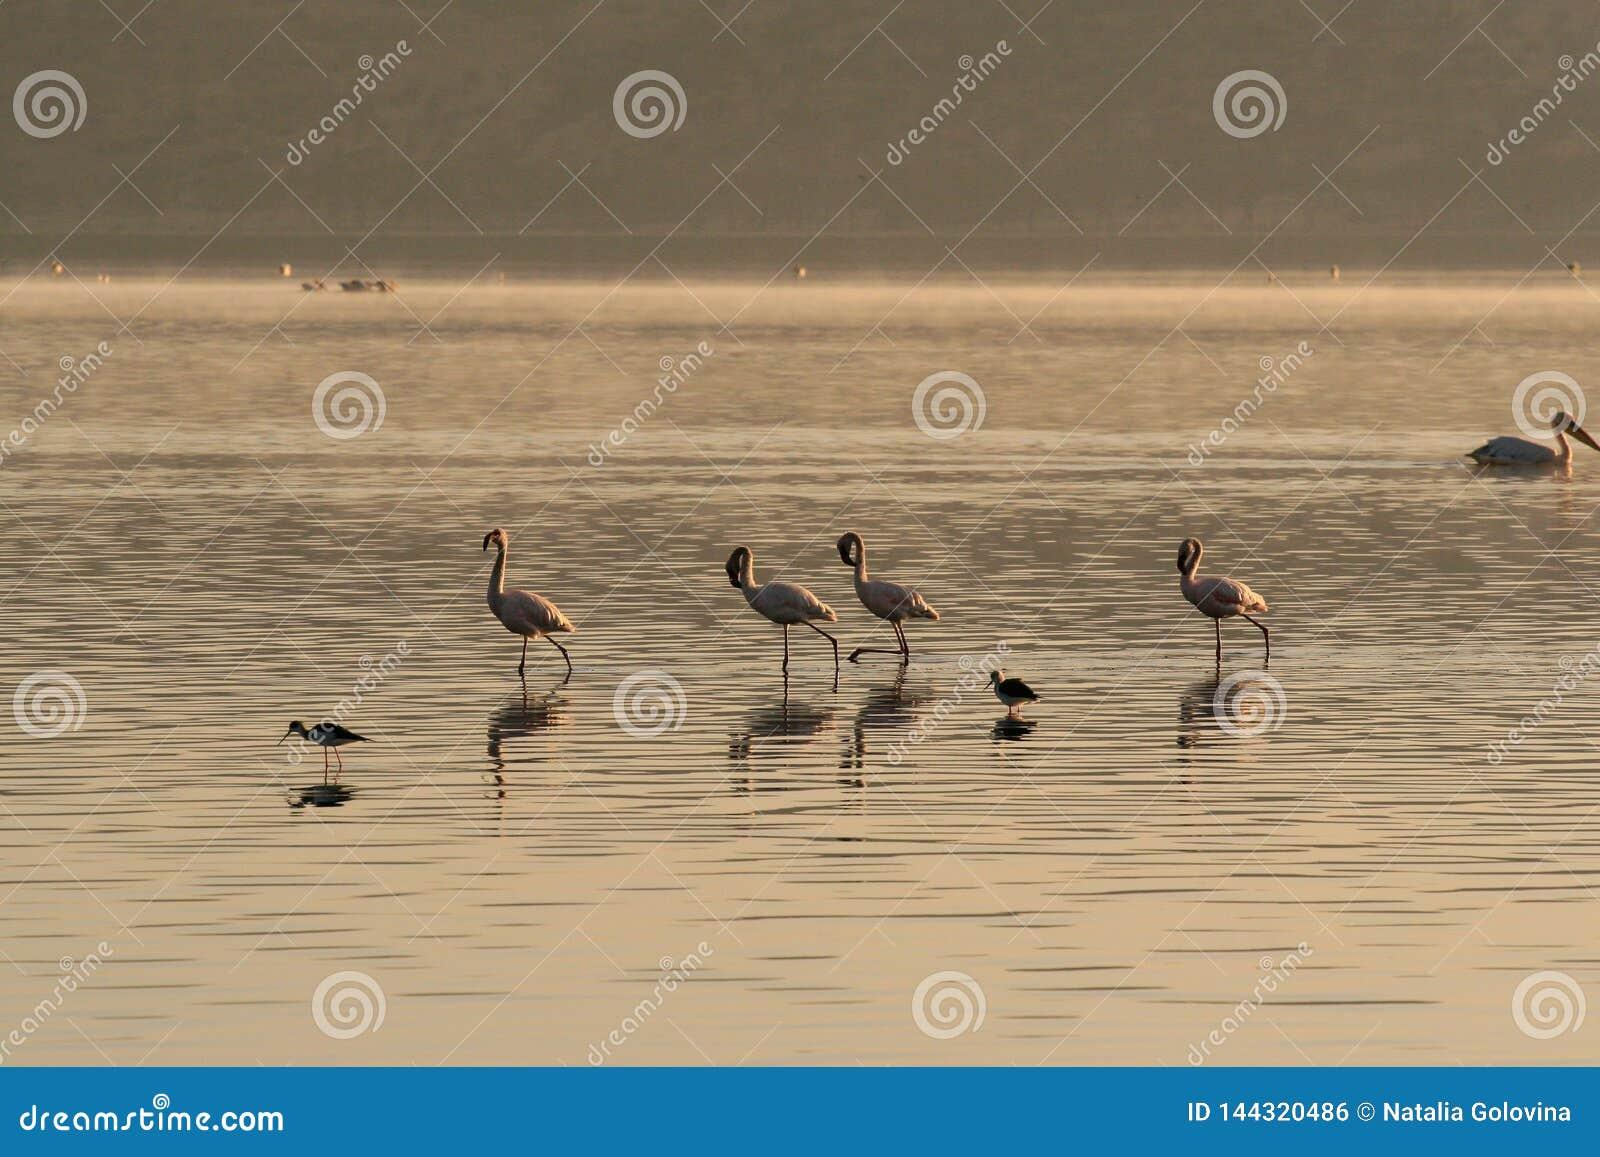 Vier roze flamingo sonderzoeken naar weekdieren en vissen in de wateren van het meer Meer Nakuru, Kenia